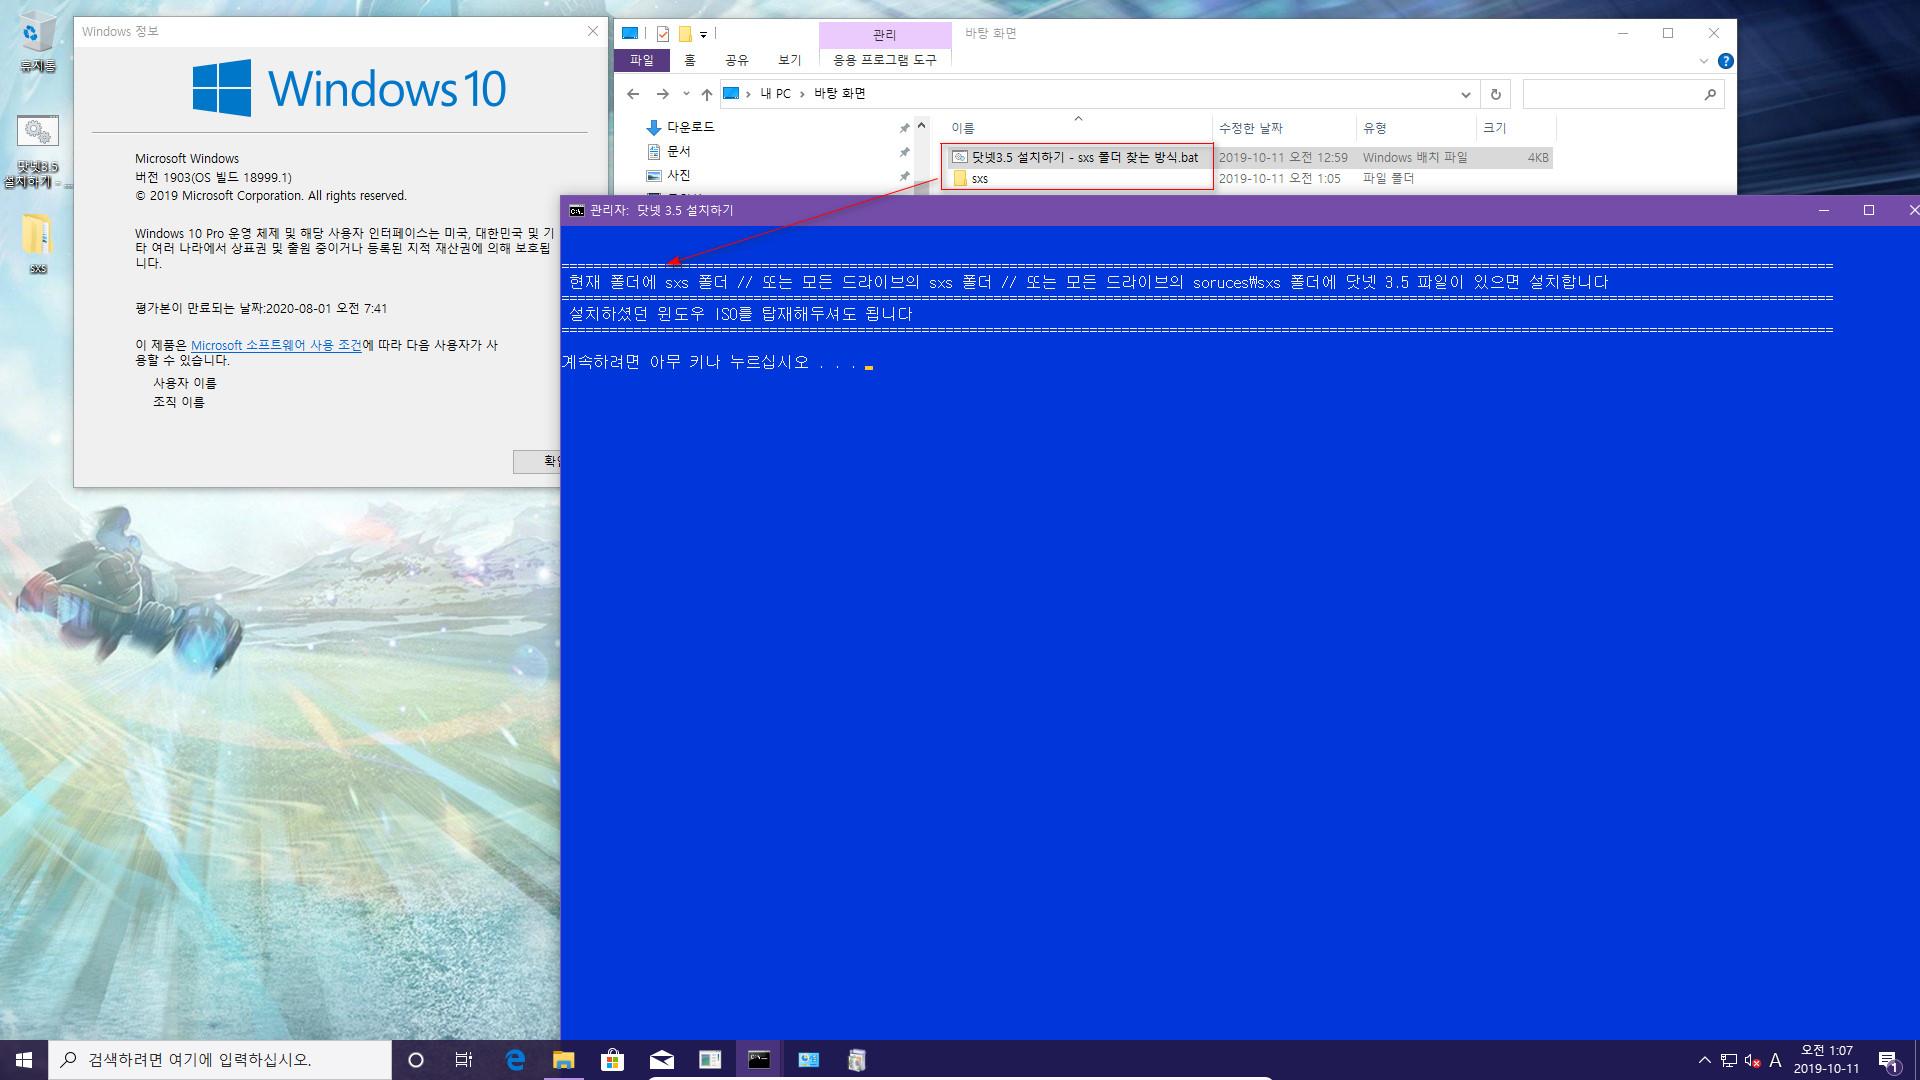 닷넷3.5 설치하기 - sxs 폴더 찾는 방식.bat 테스트 - 다시 비활성하고 테스트 2019-10-11_010731.jpg